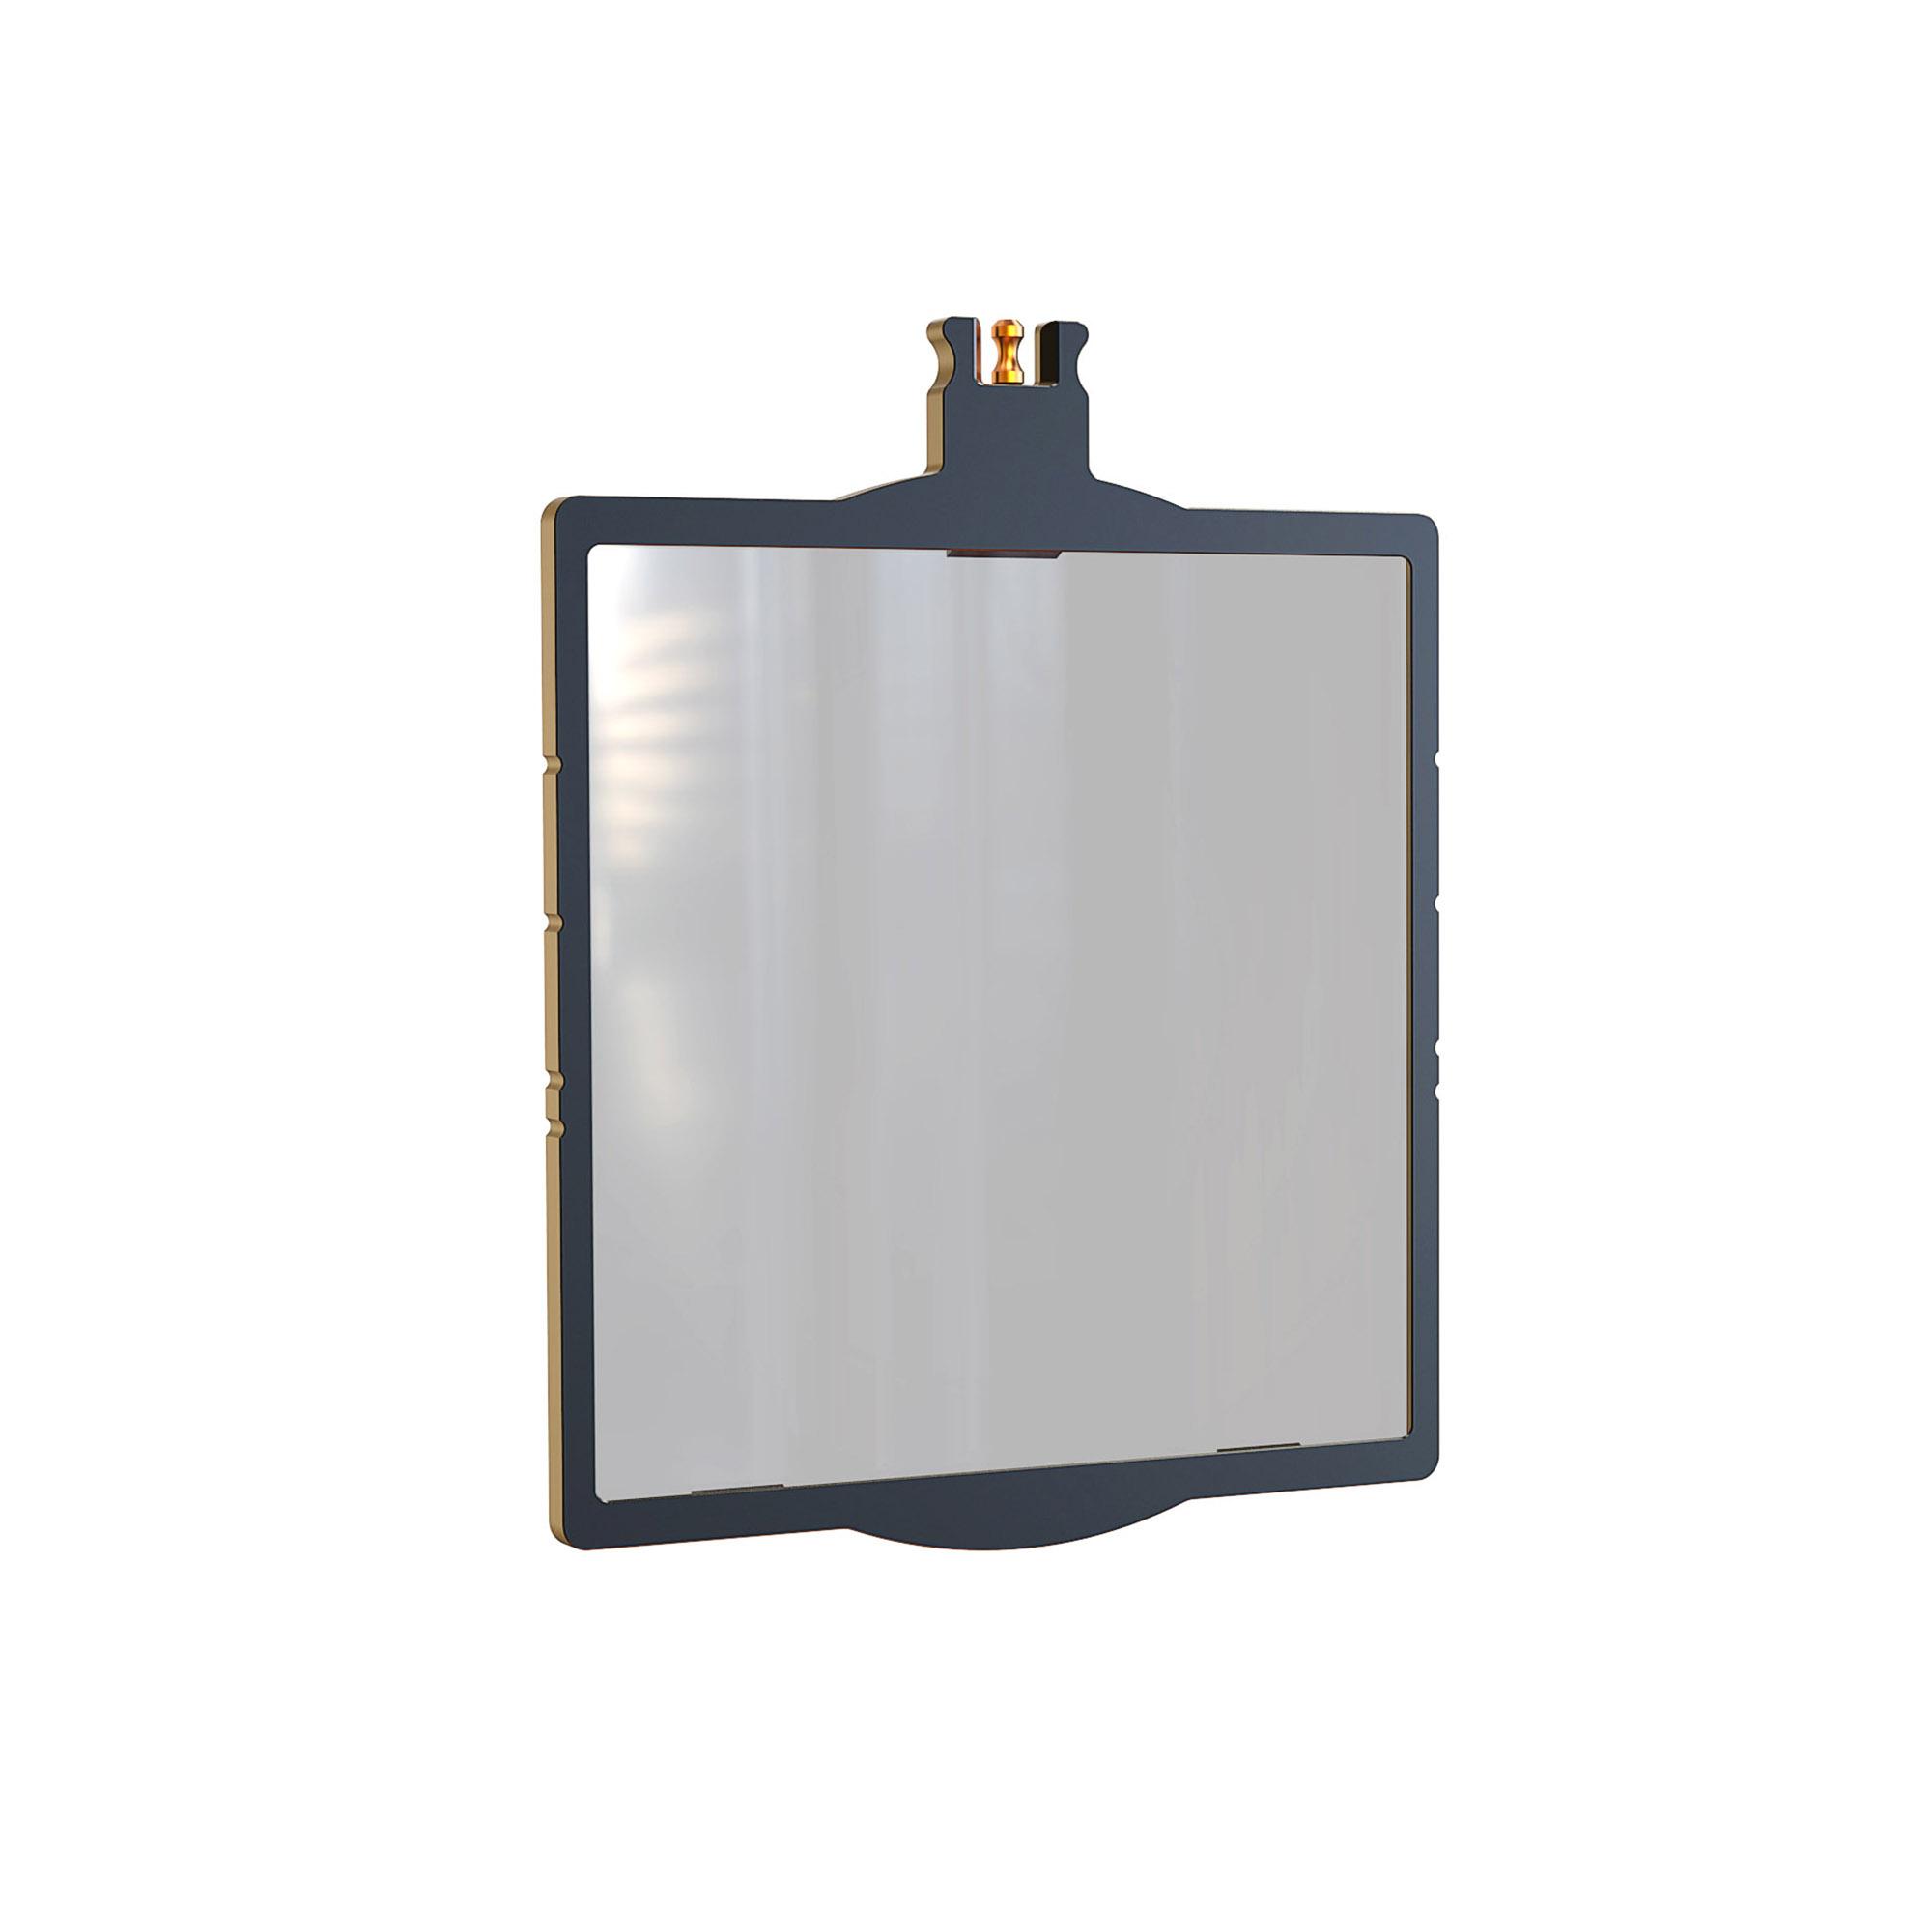 b1251.1016   viv 5   5.65 x 5.65   grad filter tray   1